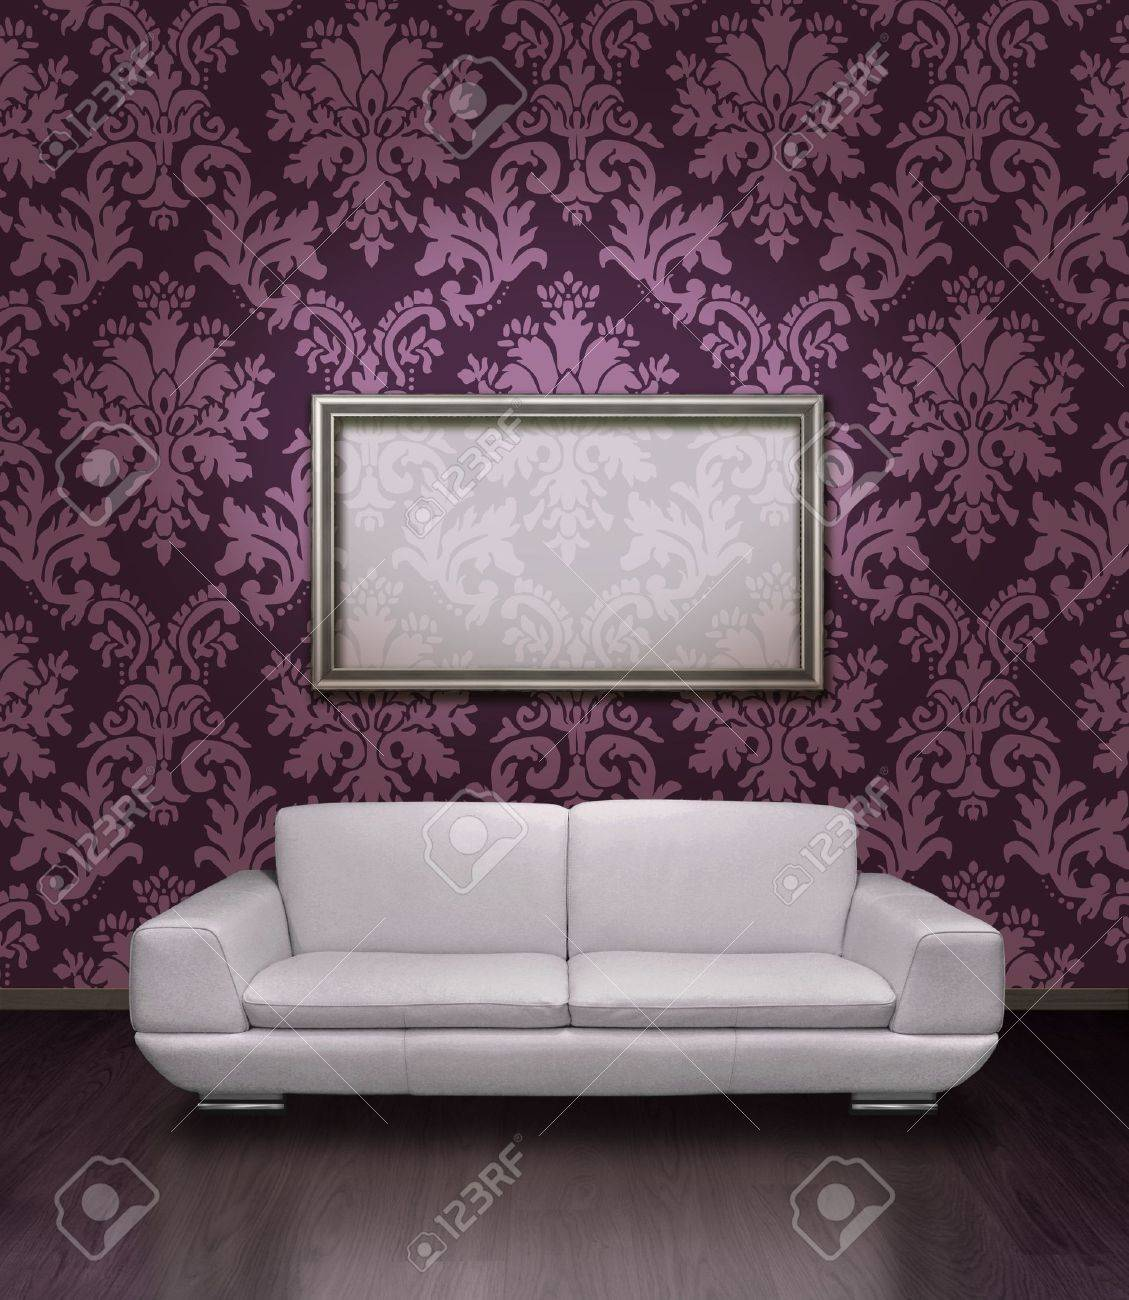 Moderne weißes leder sofa und silber verchromt frame in zimmer mit ...